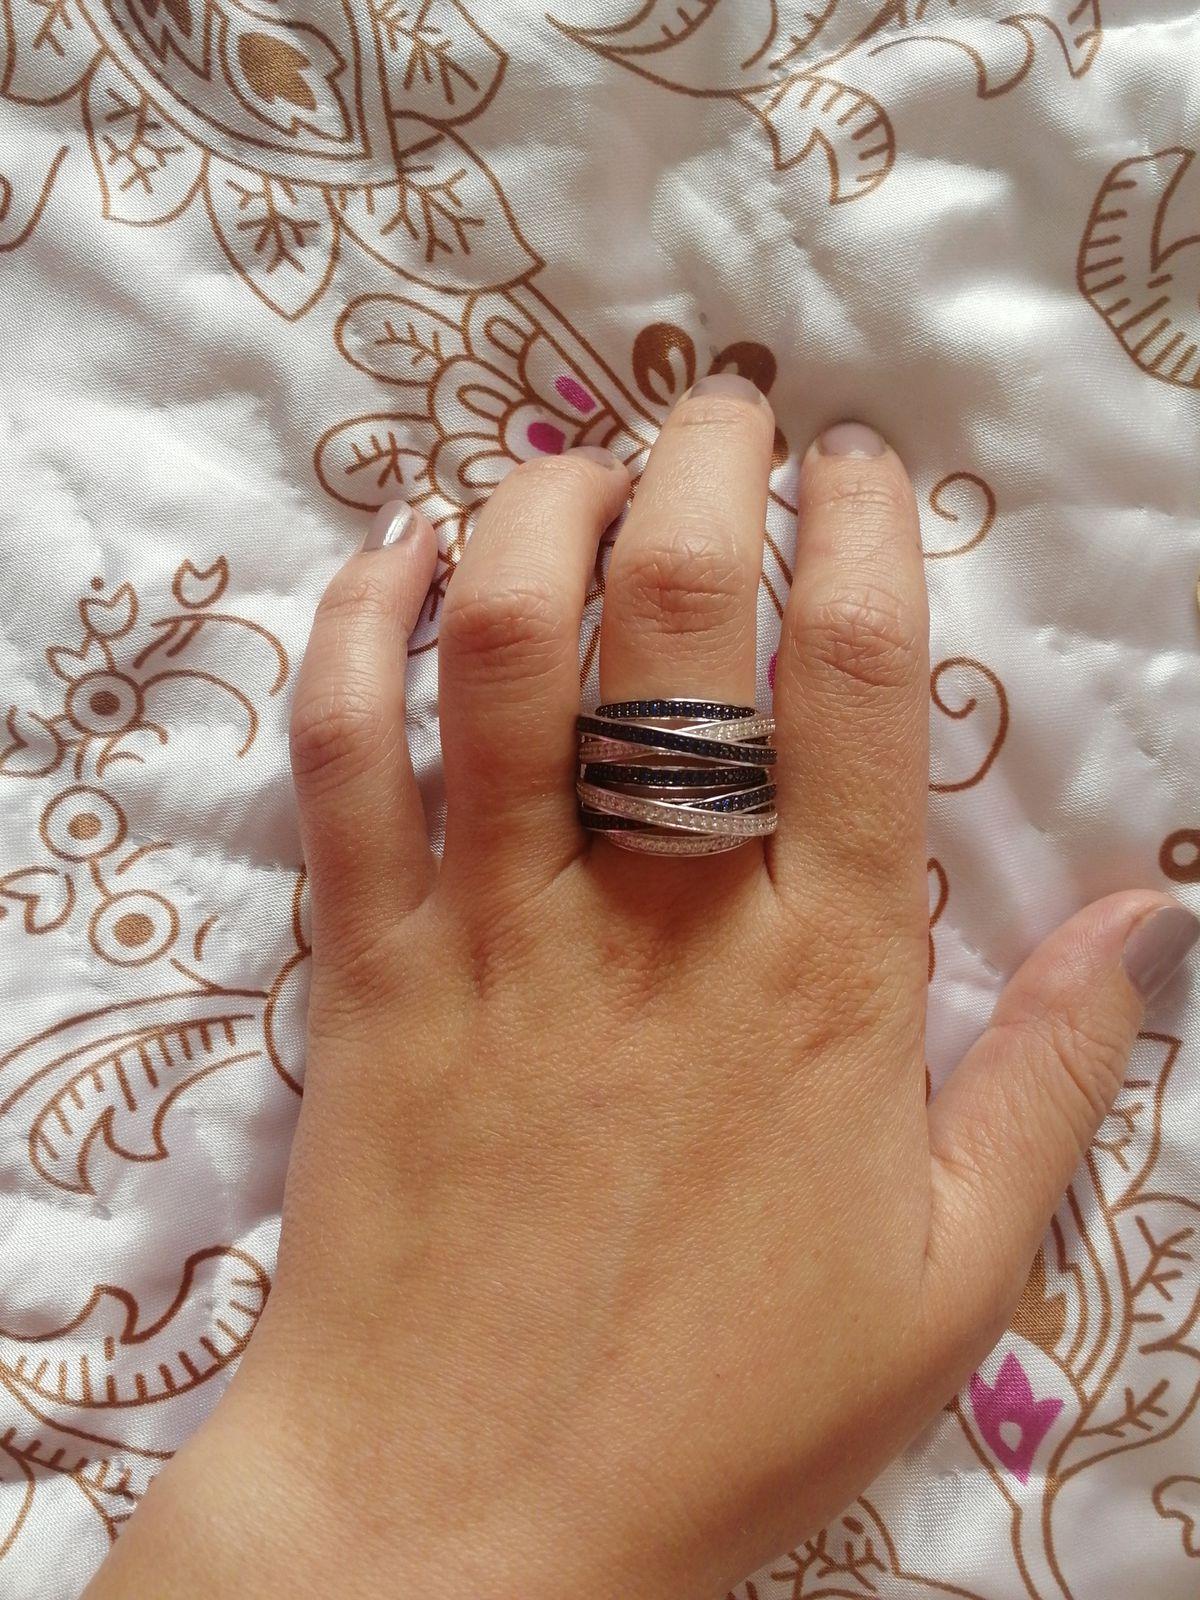 Брала маме на подарок, кольцо запало сразу в самую душу.